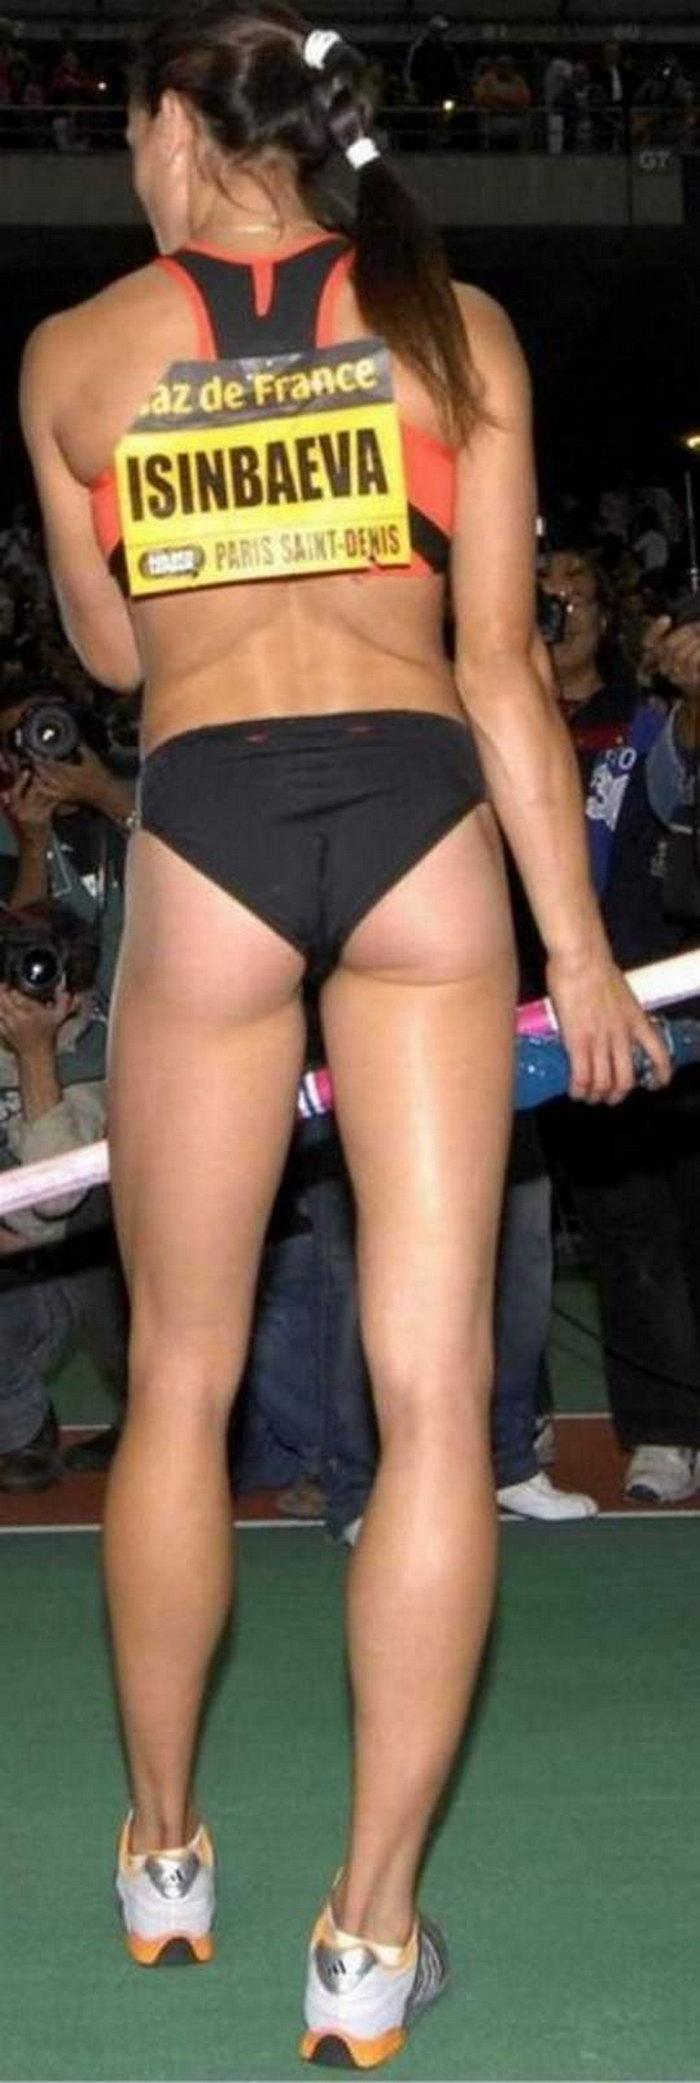 Смотреть эротическую легкая атлетика 26 фотография